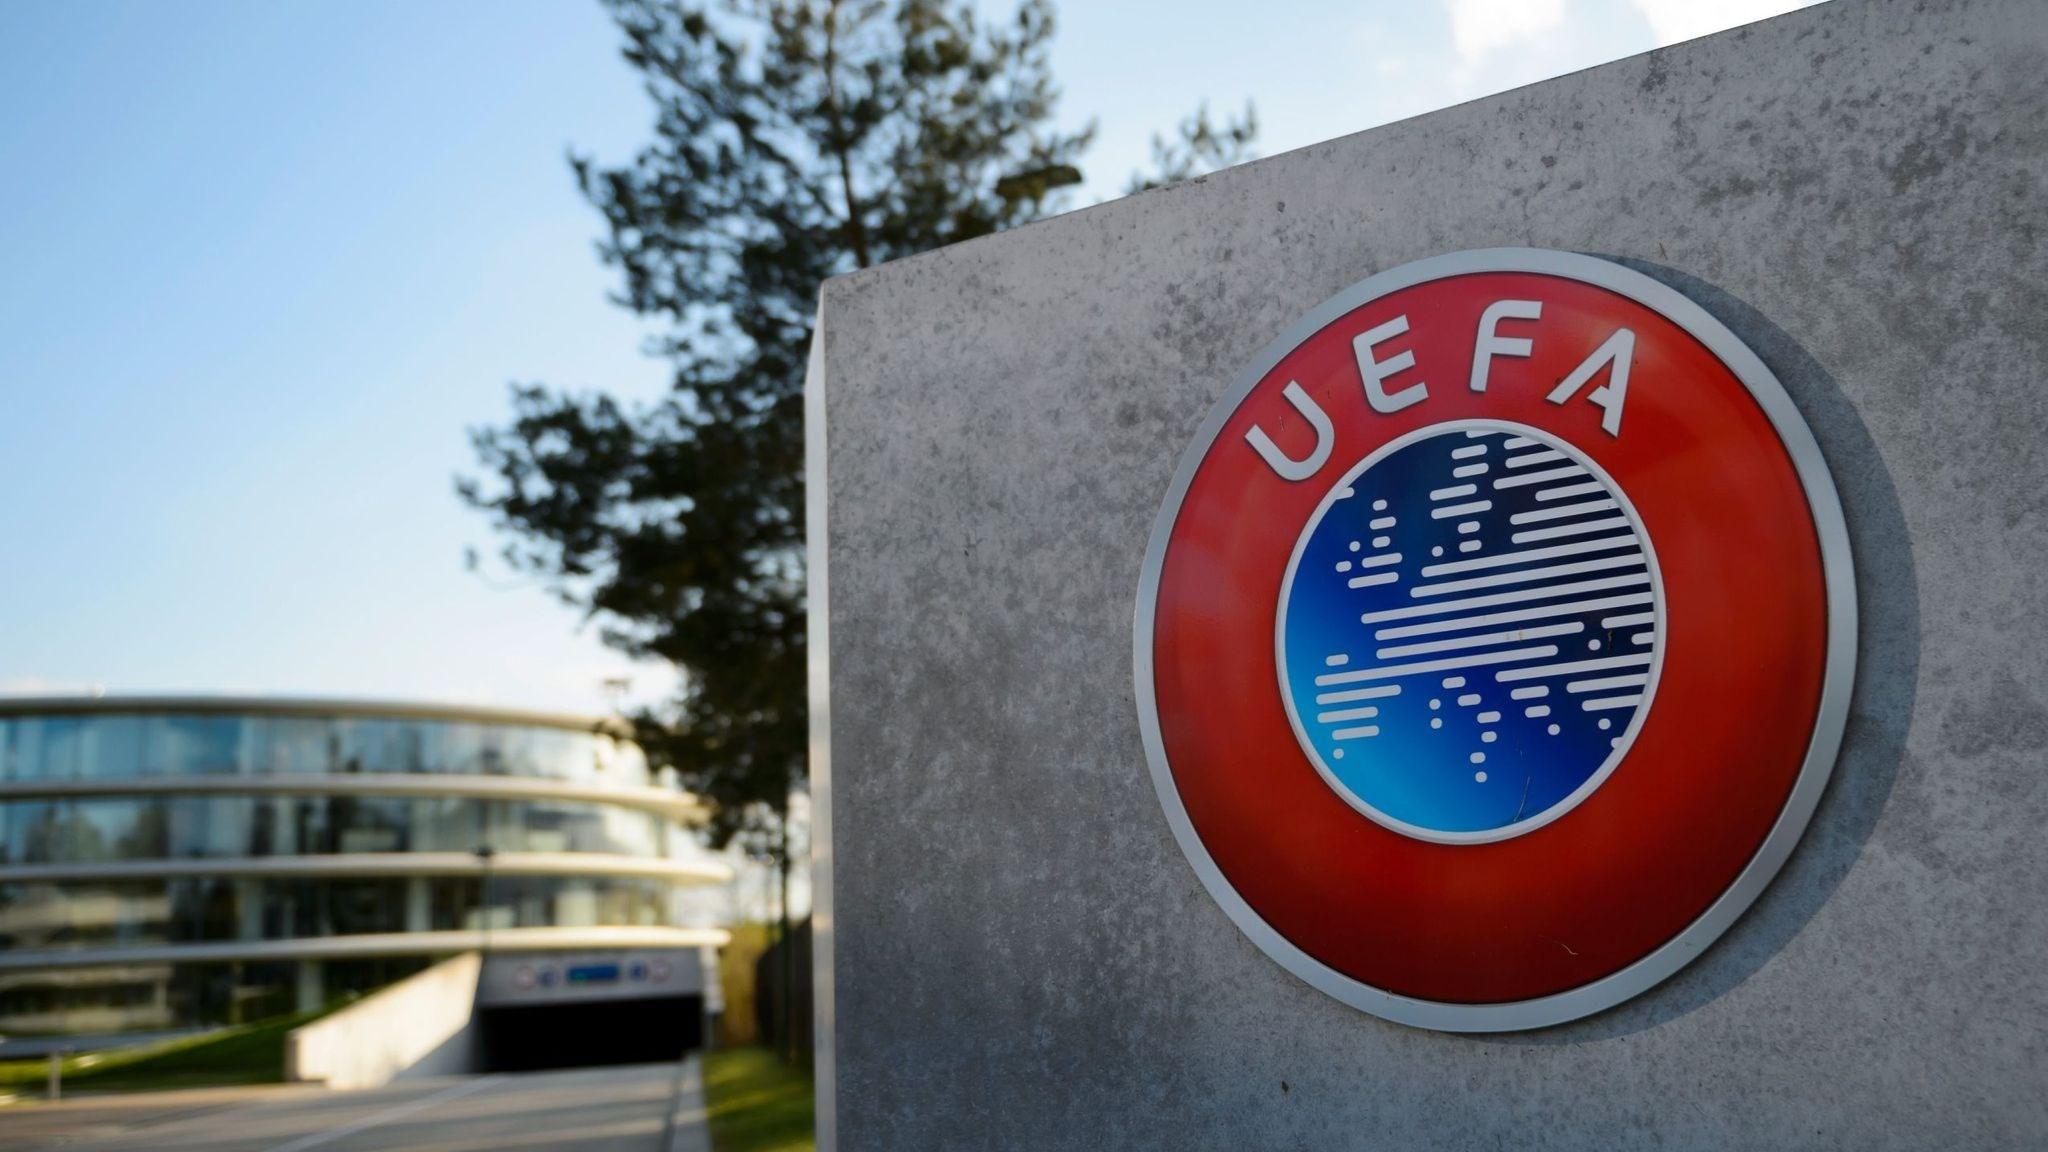 يويفا: رفع حظر إقامة المباريات في أرمينيا وأذربيجان